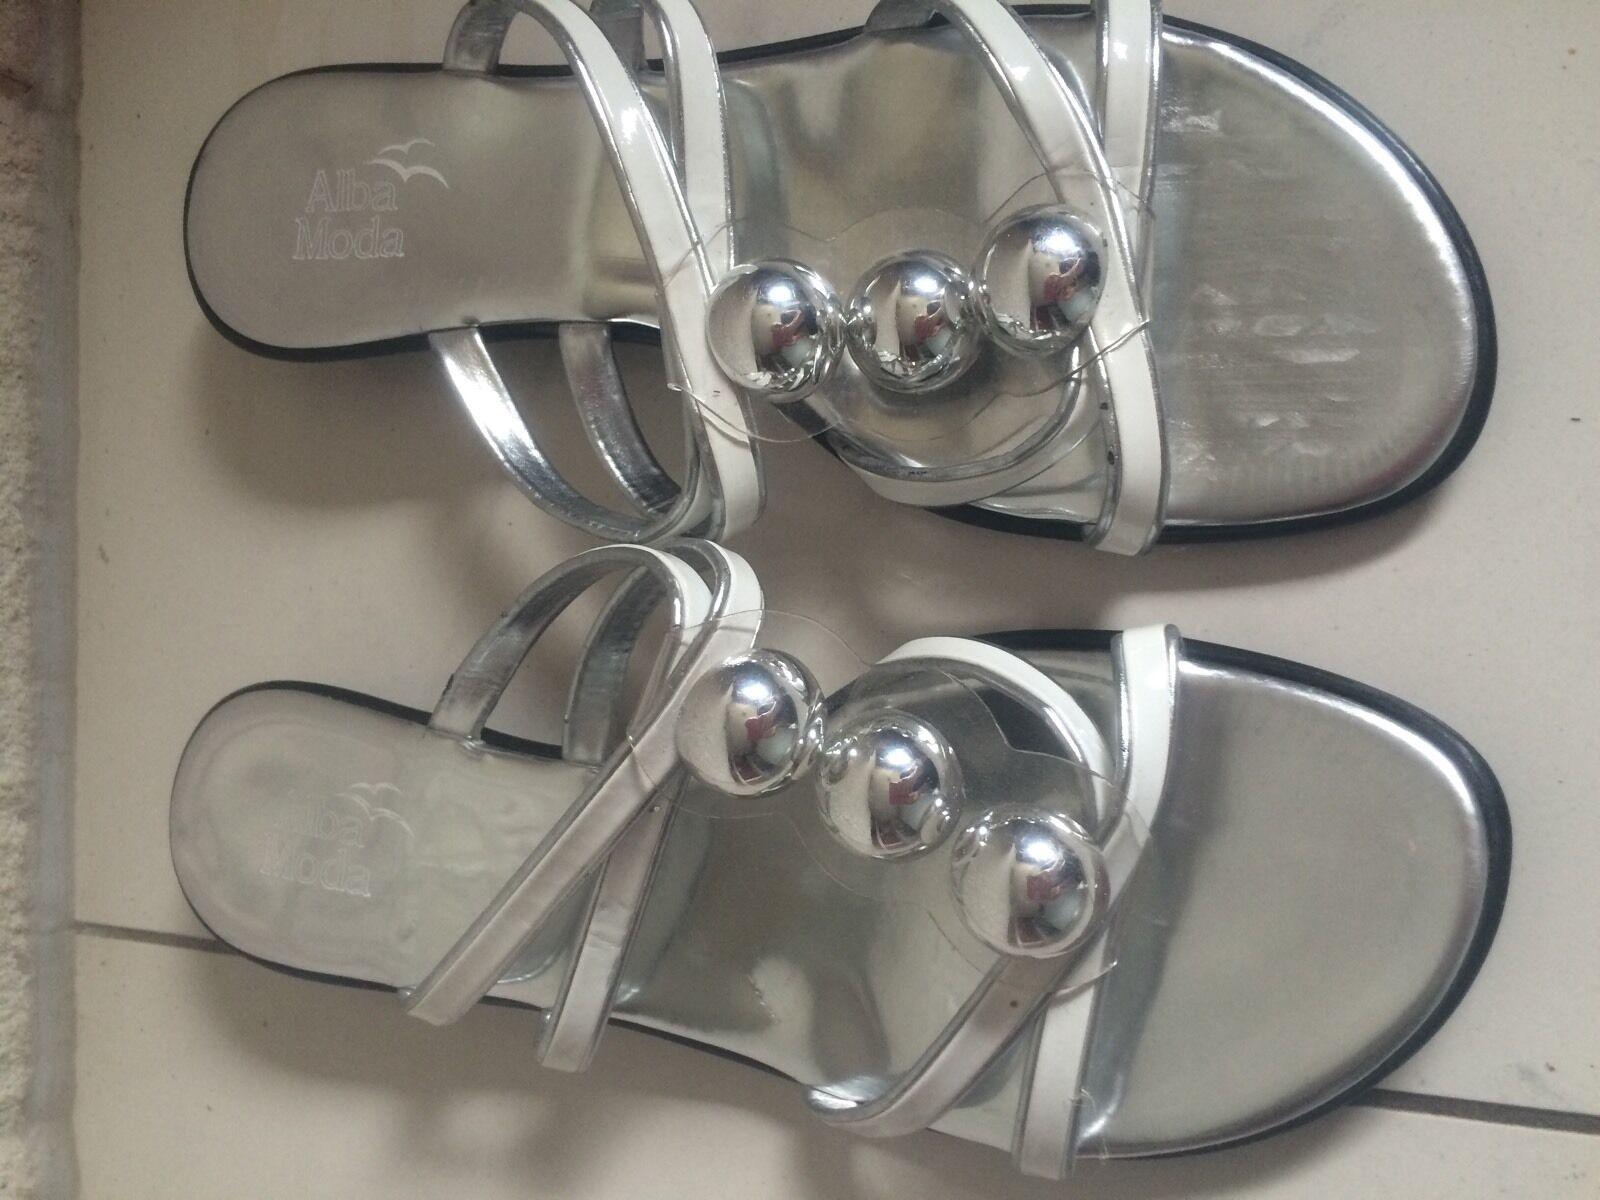 Alba Moda Sandaletten Sandalen 38,5 Schuhe Gr. 38 / 38,5 Sandalen Silber/weiß Np. 69,95 Top f58b54